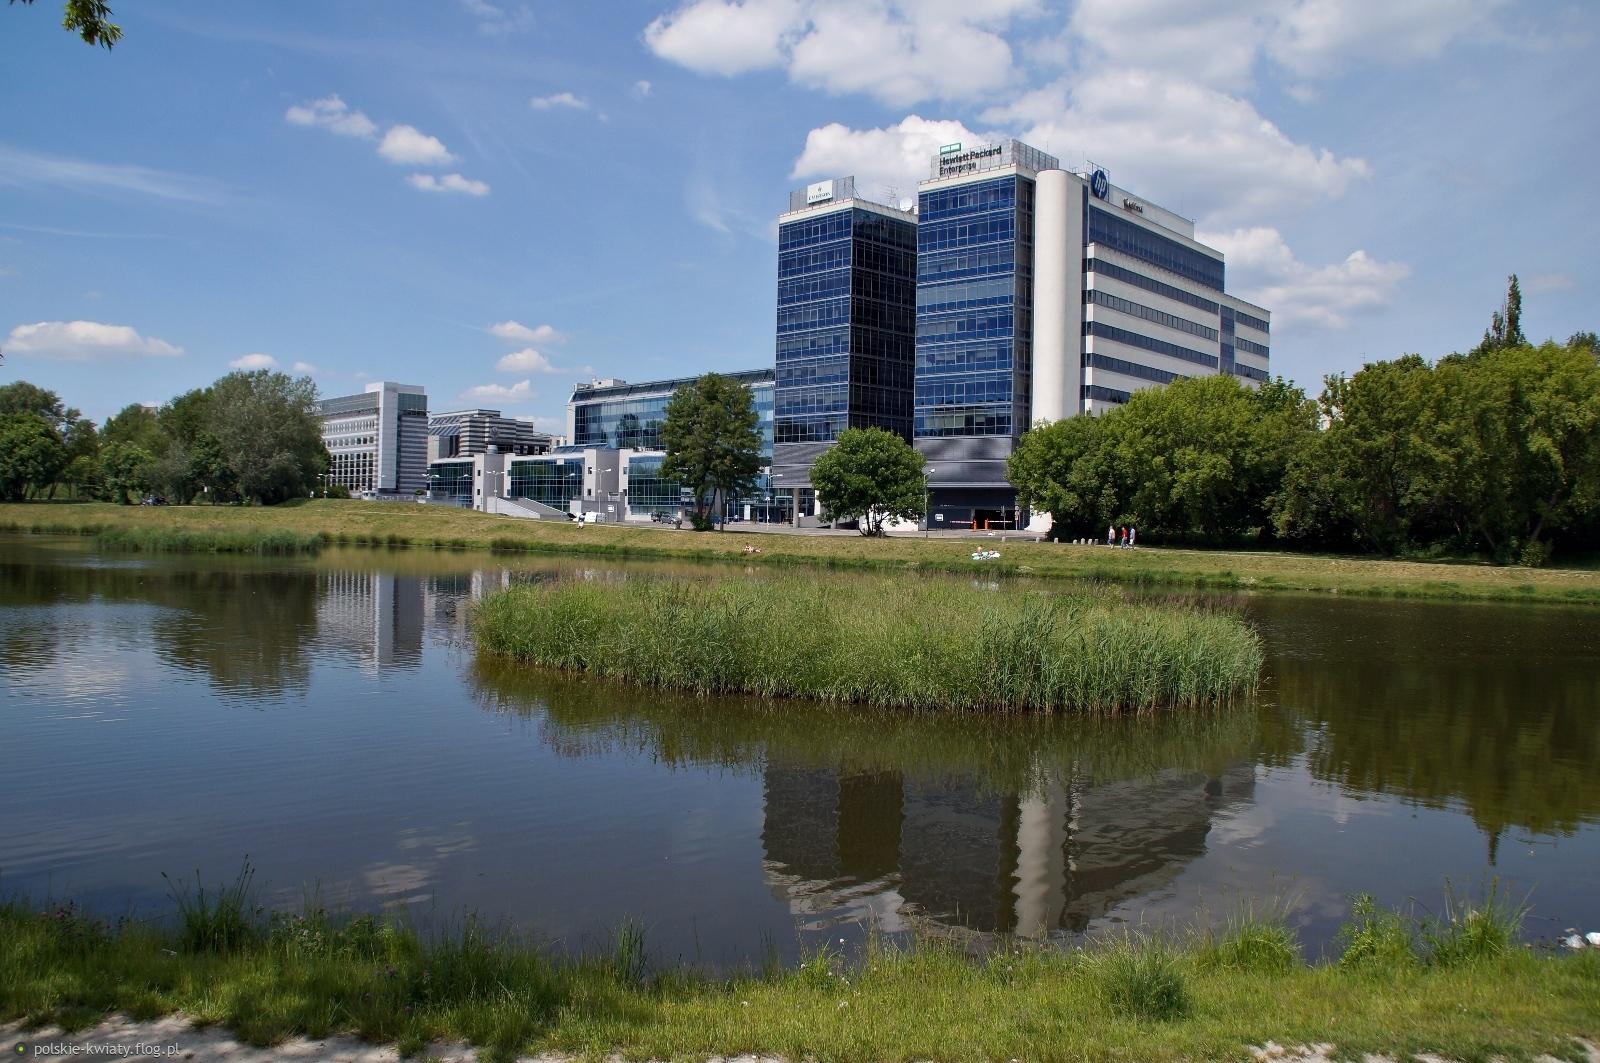 Budynki Hewlett Packard Enterprise Polska Sp. z o.o. na warszawskim Służewcu.